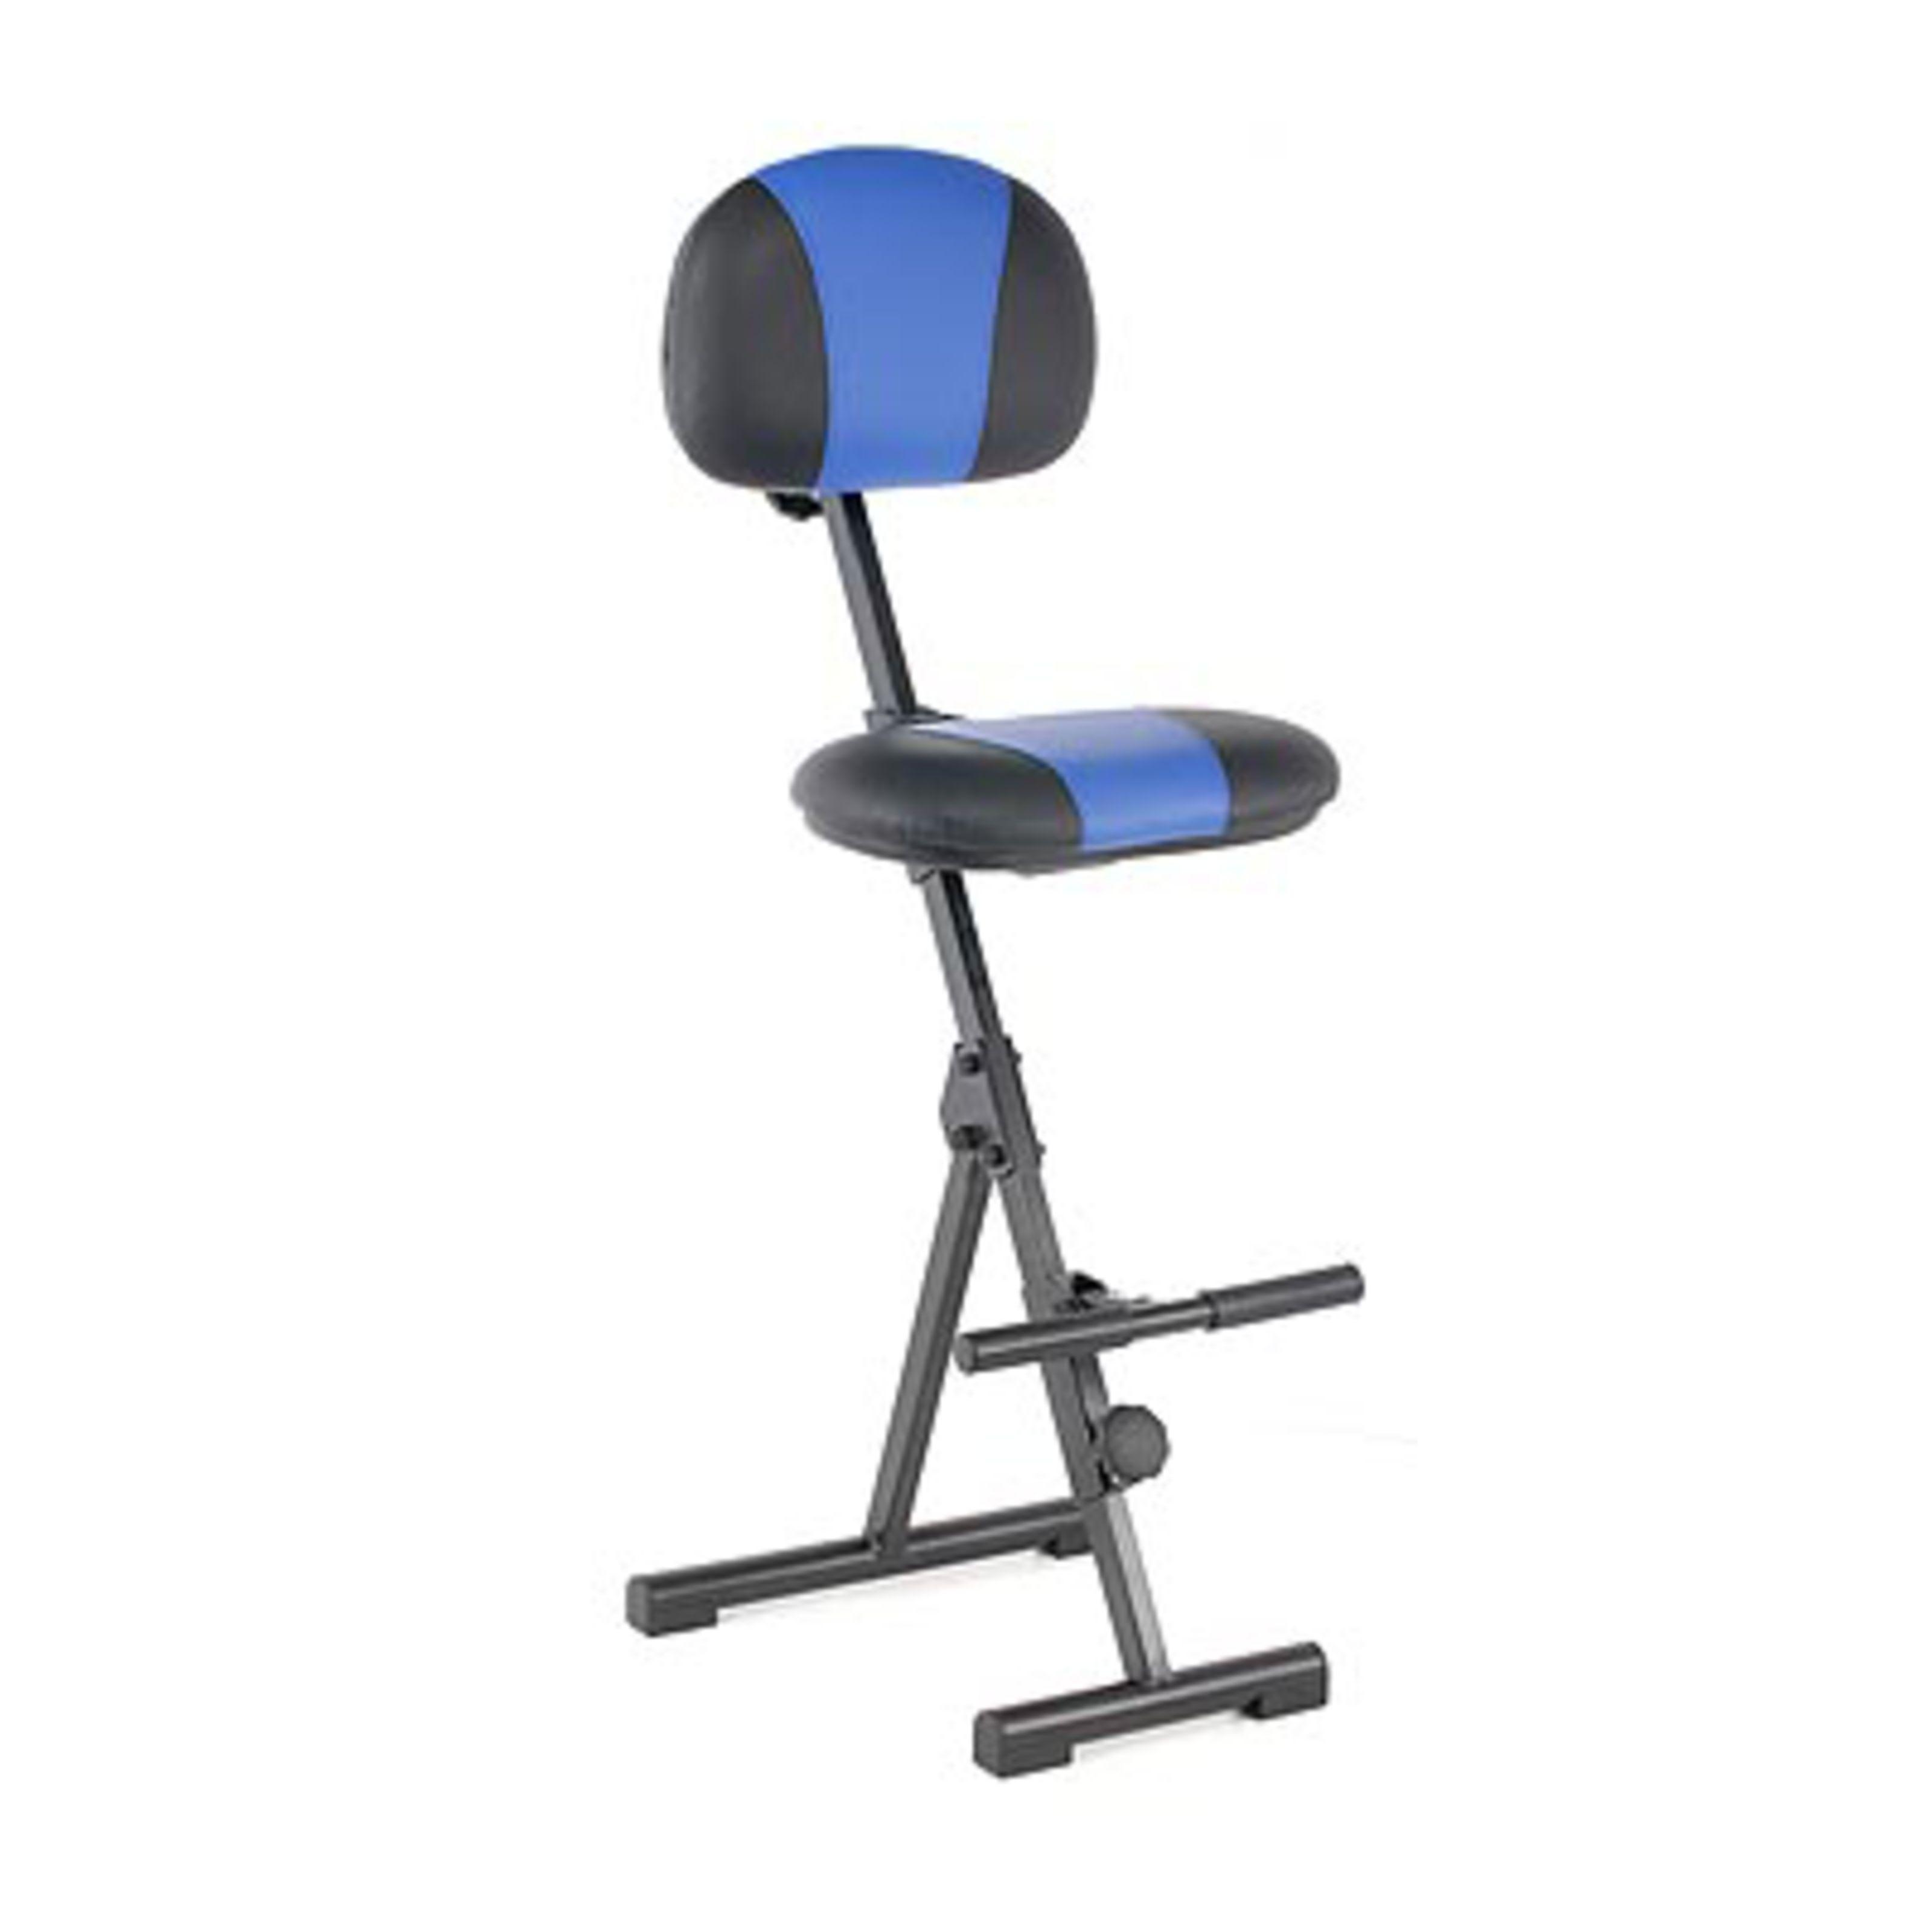 Mey Chair Systems AF-SR-11169 Futura Standard (Black/Blue)